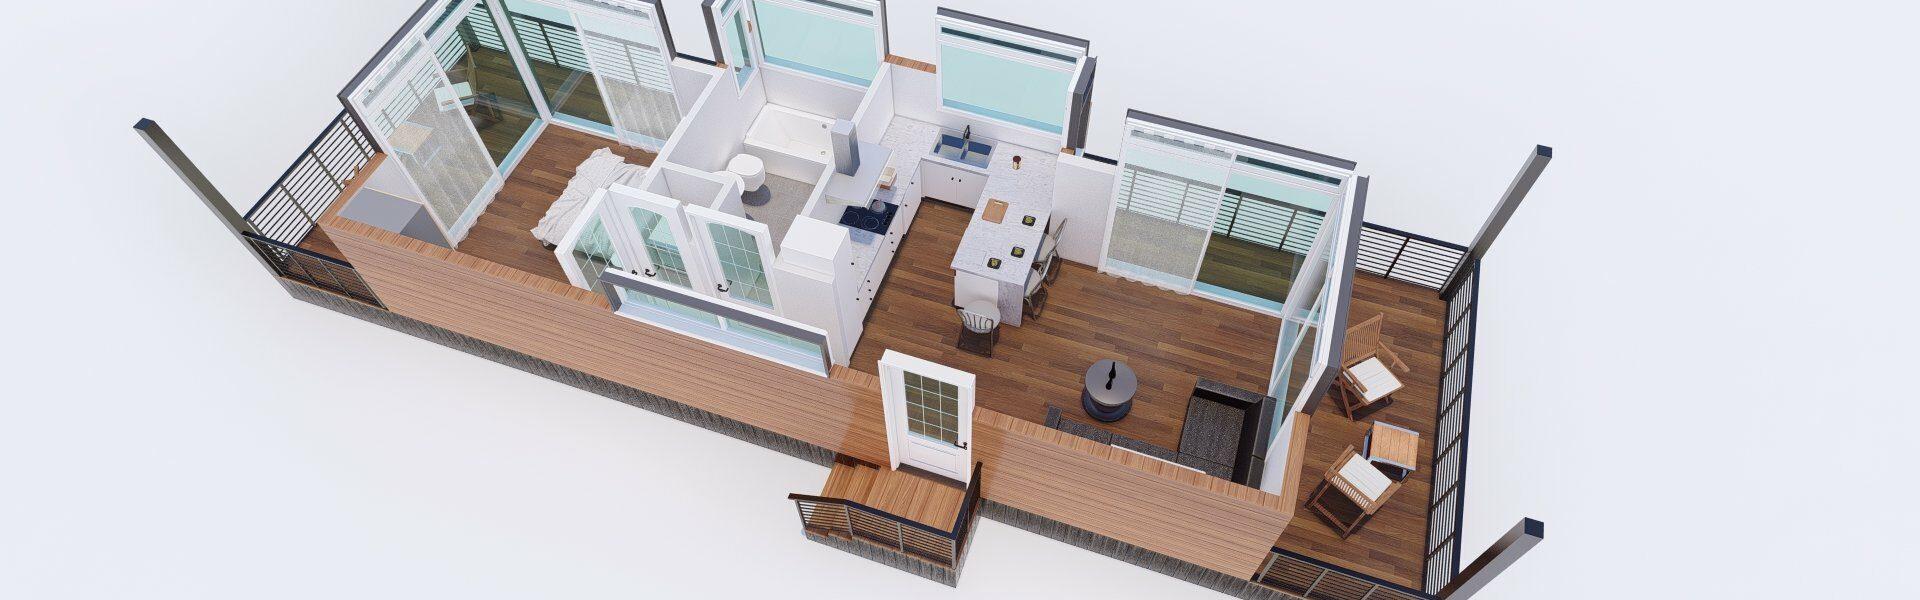 3D Floor plan_6 - Photo